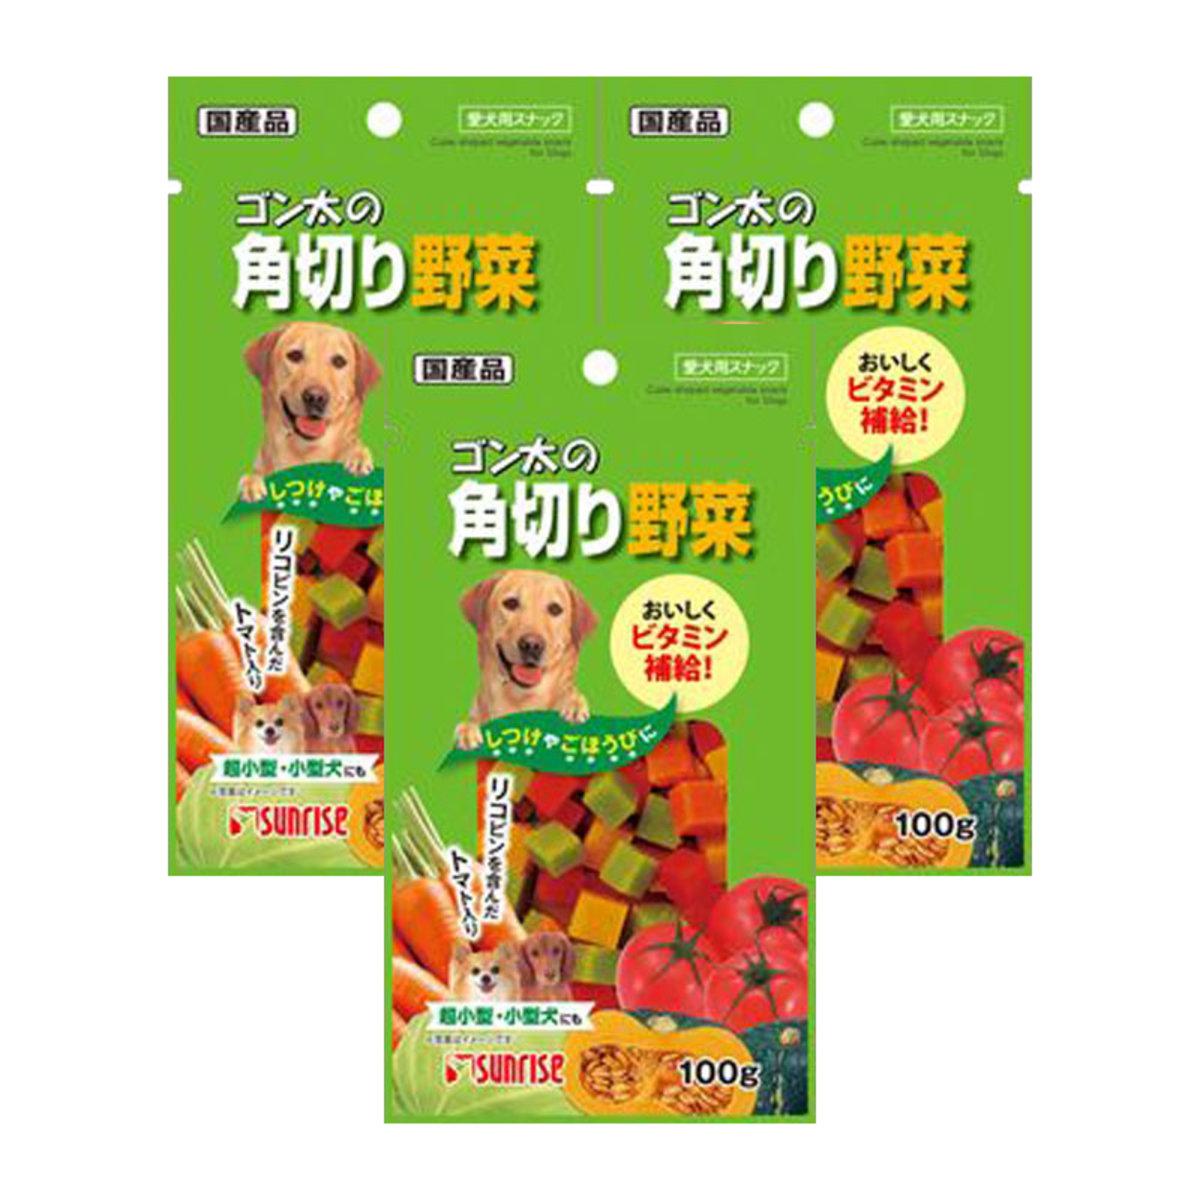 雜菜粒粒小食 100g x 3包 (4973321918889_3)